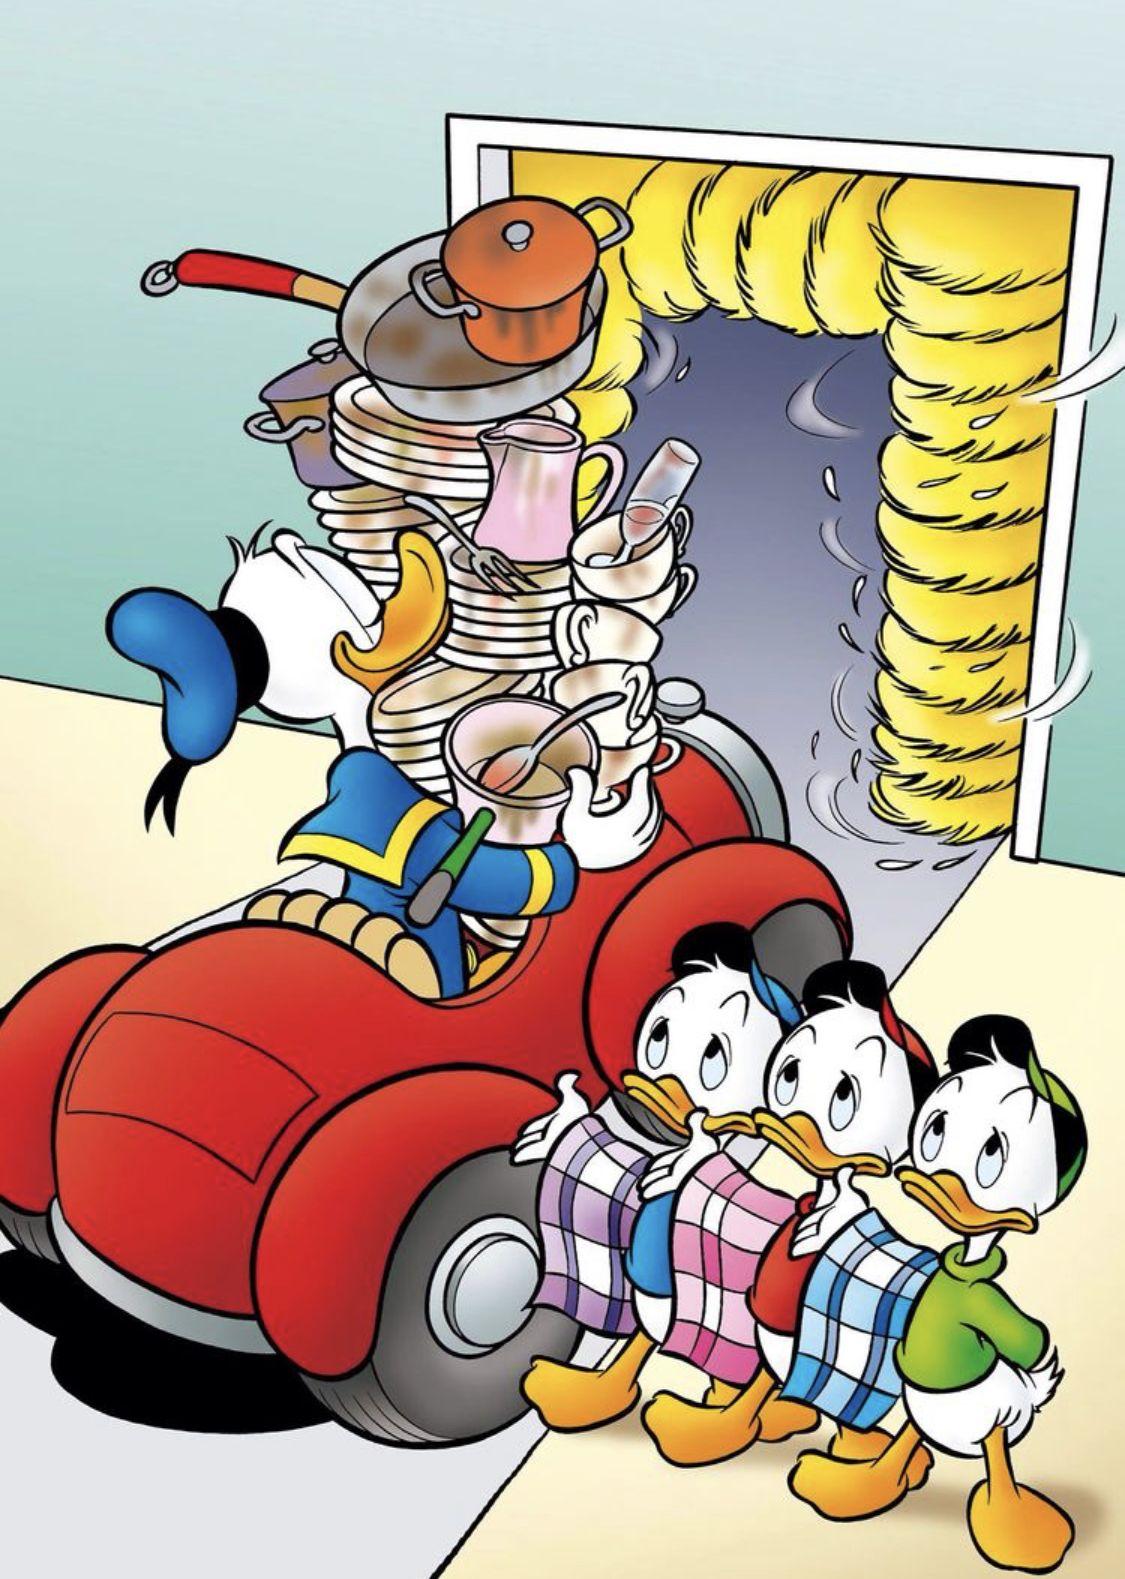 Piercing bump with pus  Donald Duck  G A R T O O N u A N I M A T I O N  Pinterest